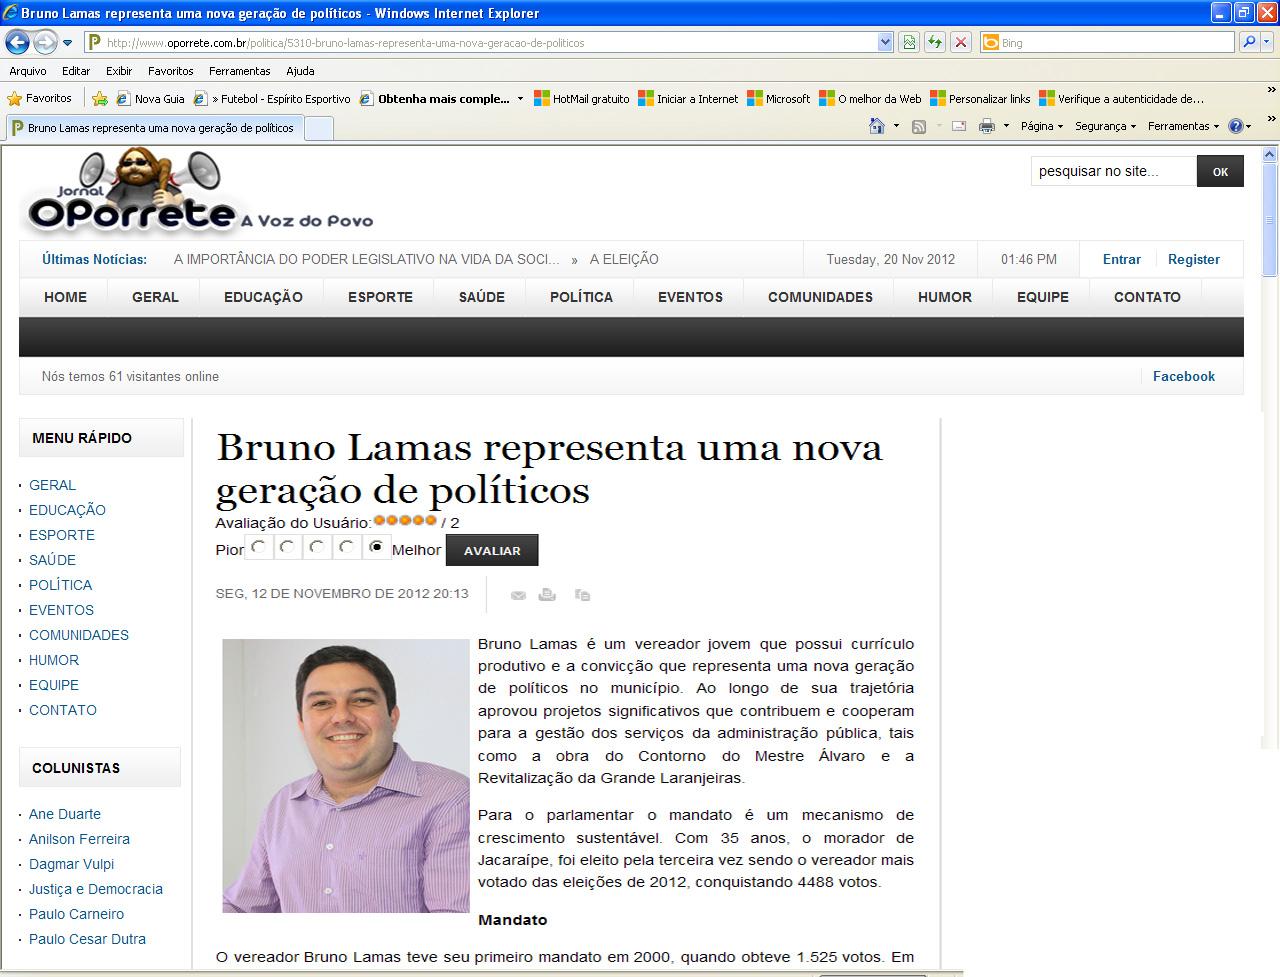 Bruno Lamas representa uma nova geração de políticos